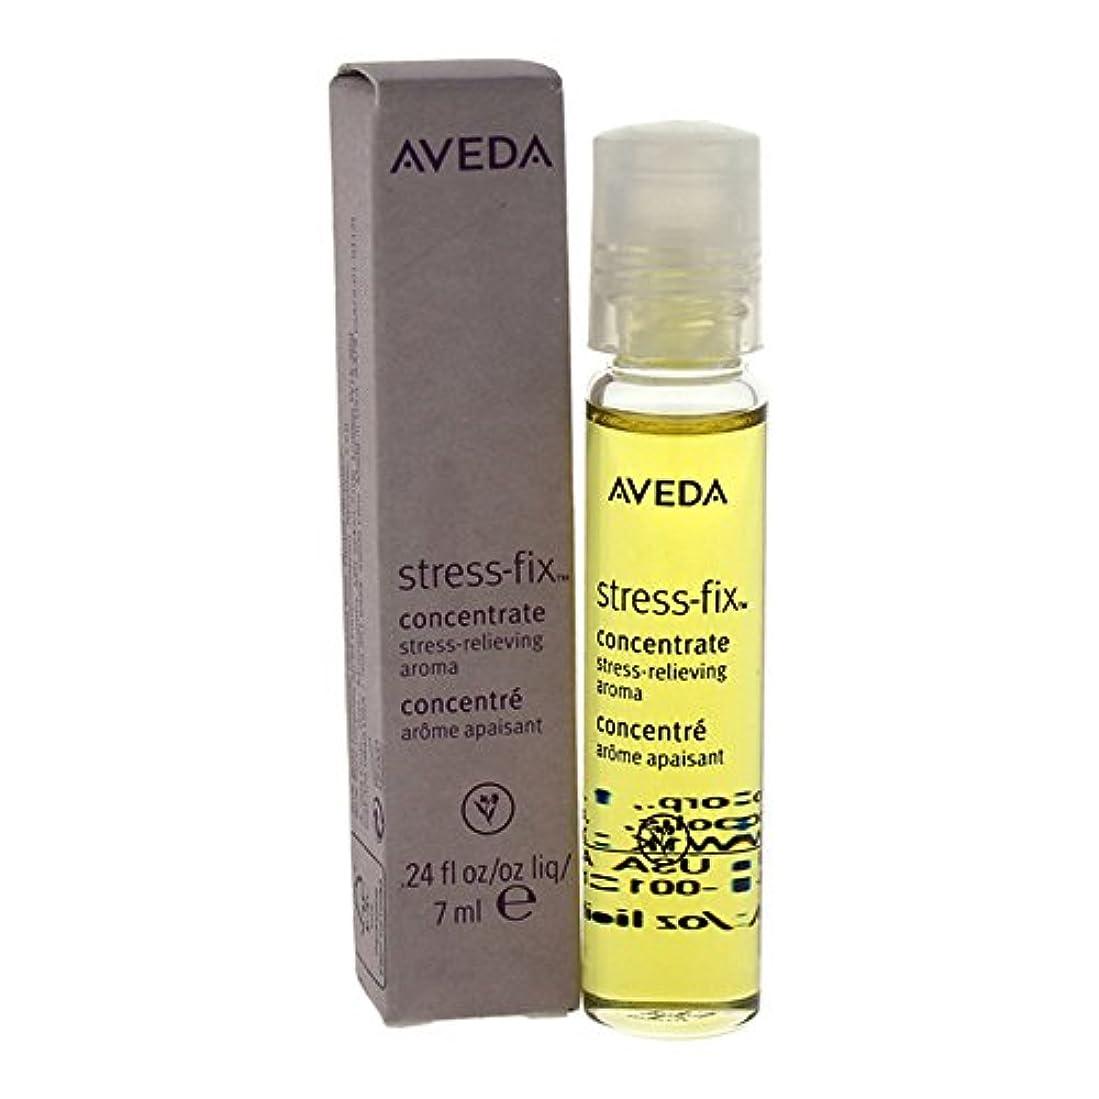 血色の良い破滅費用アヴェダ AVEDA ストレスフィックス ラベンダー ロールオンアロマ 7mL